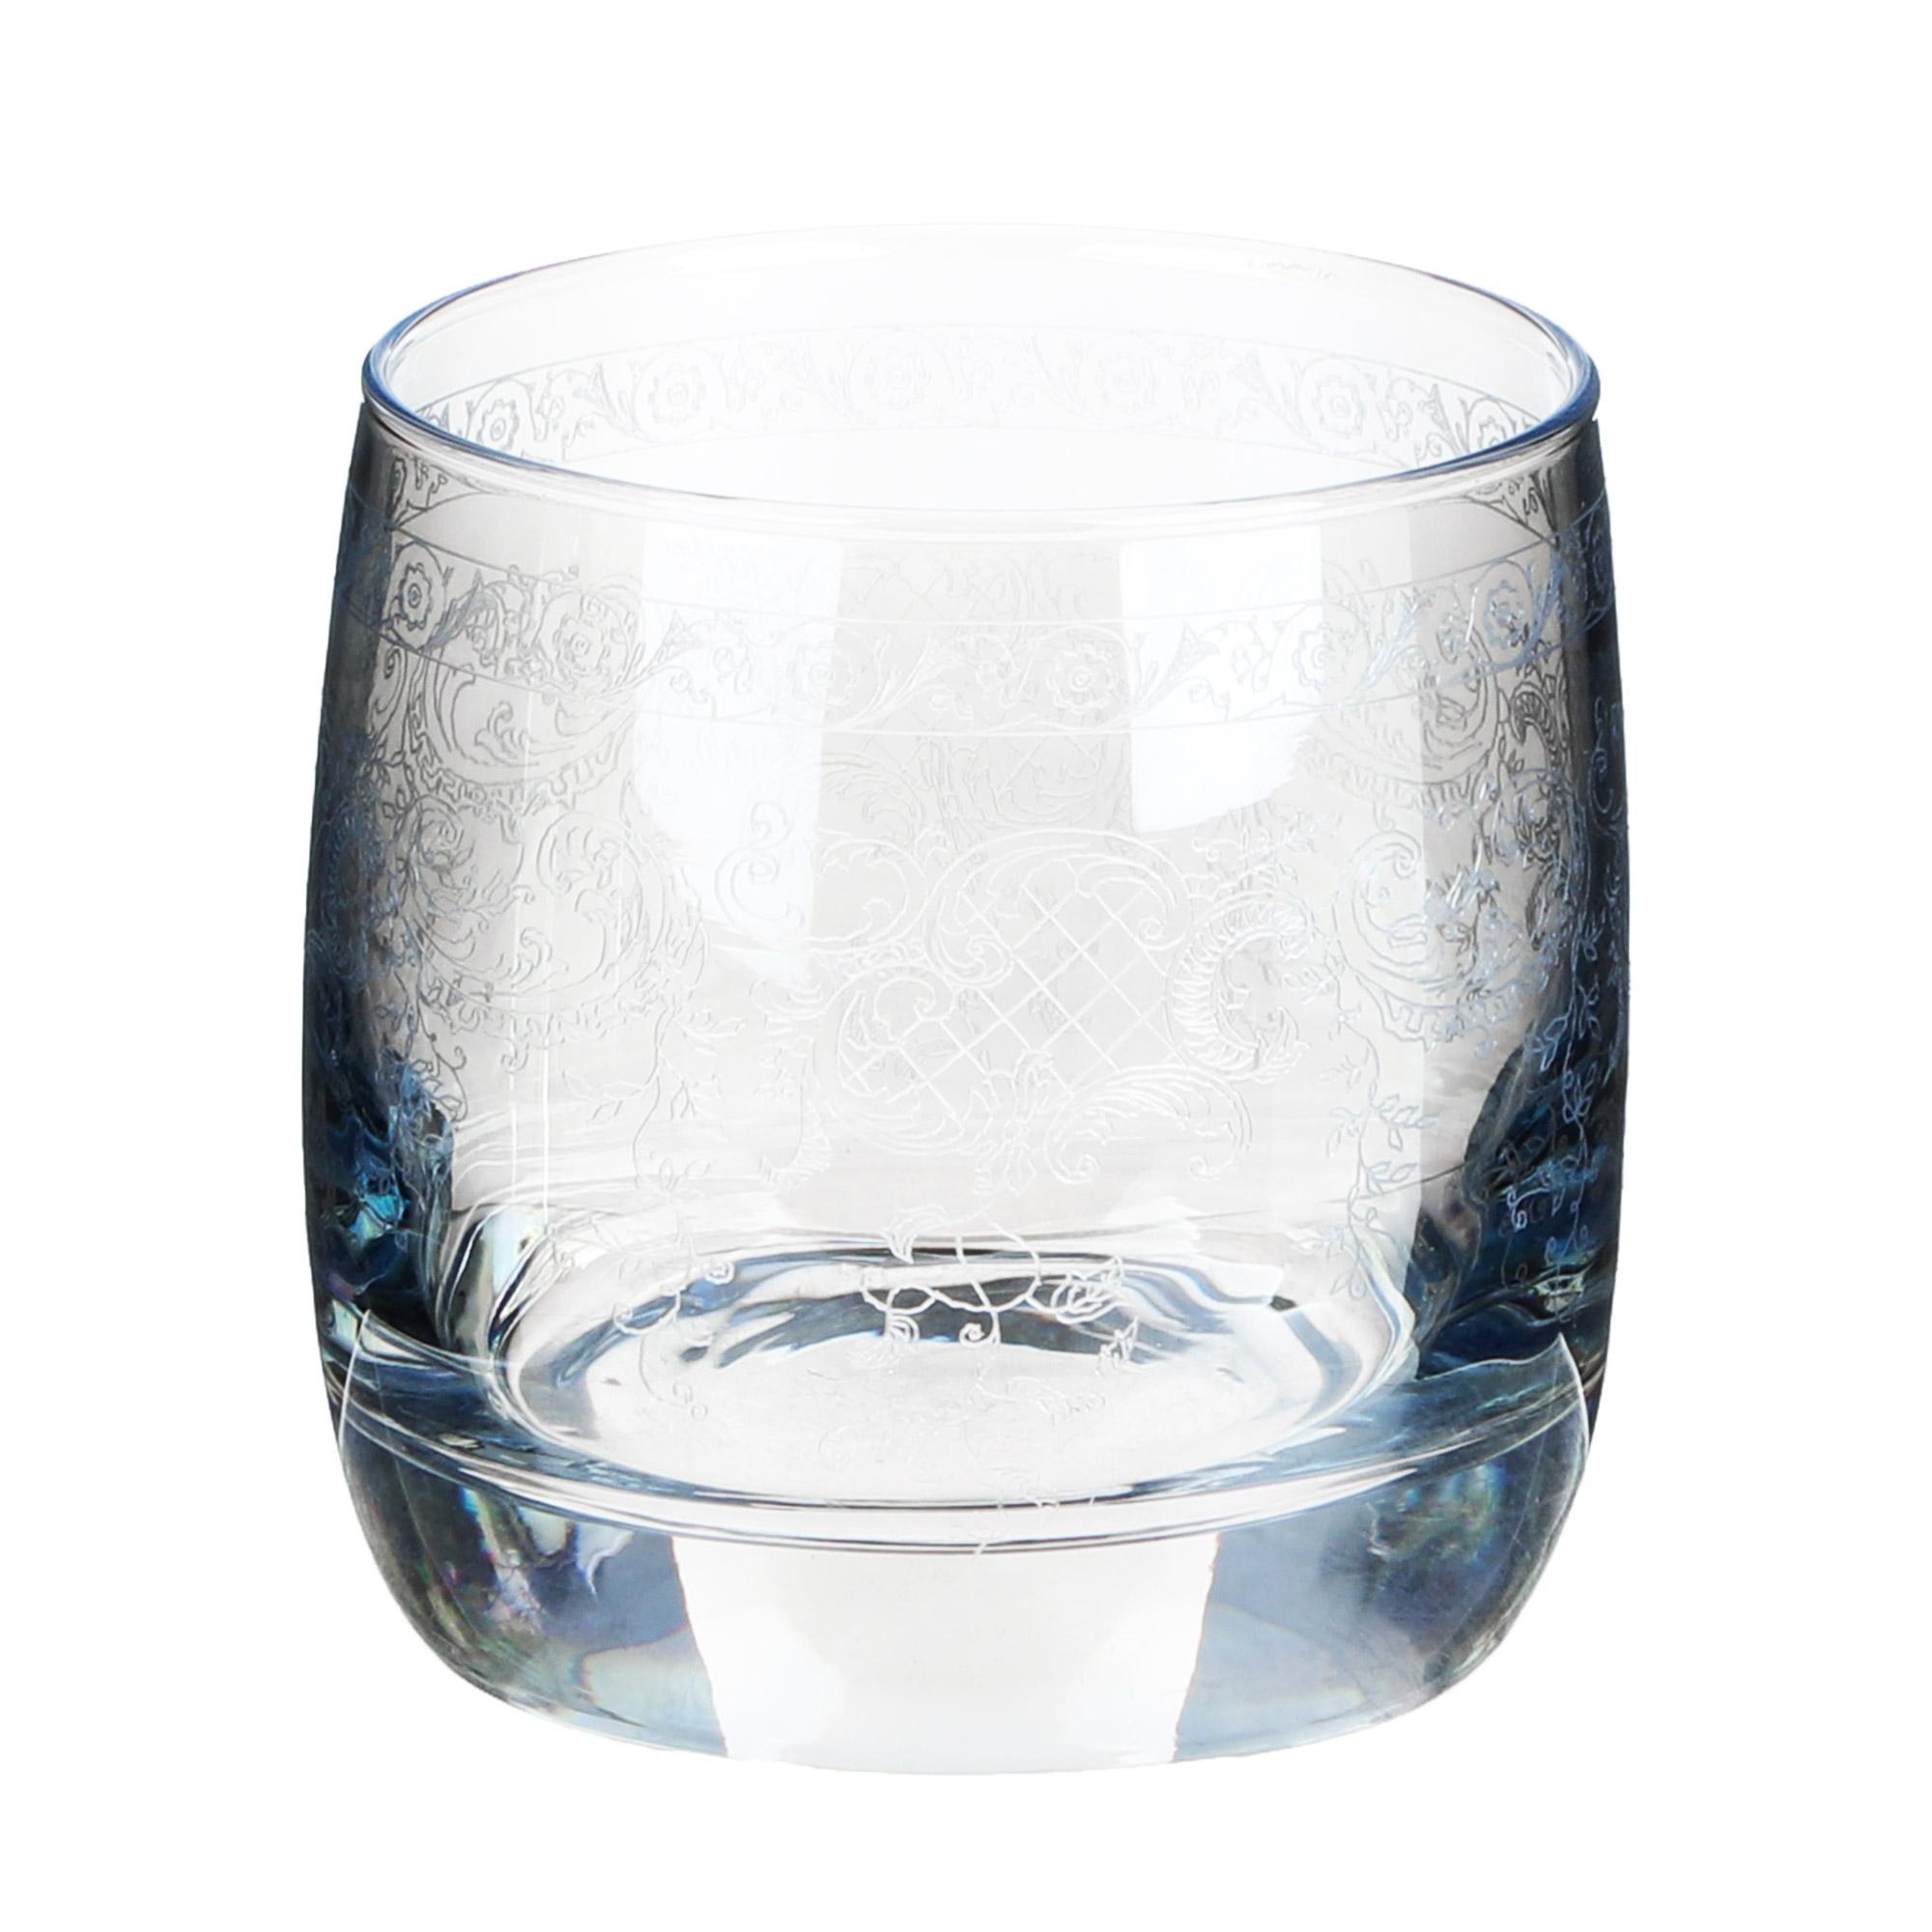 Набор стаканов Glasstar Ренесанс 310 мл 6 шт набор стаканов glasstar графитовый омбре 310 мл 6 шт